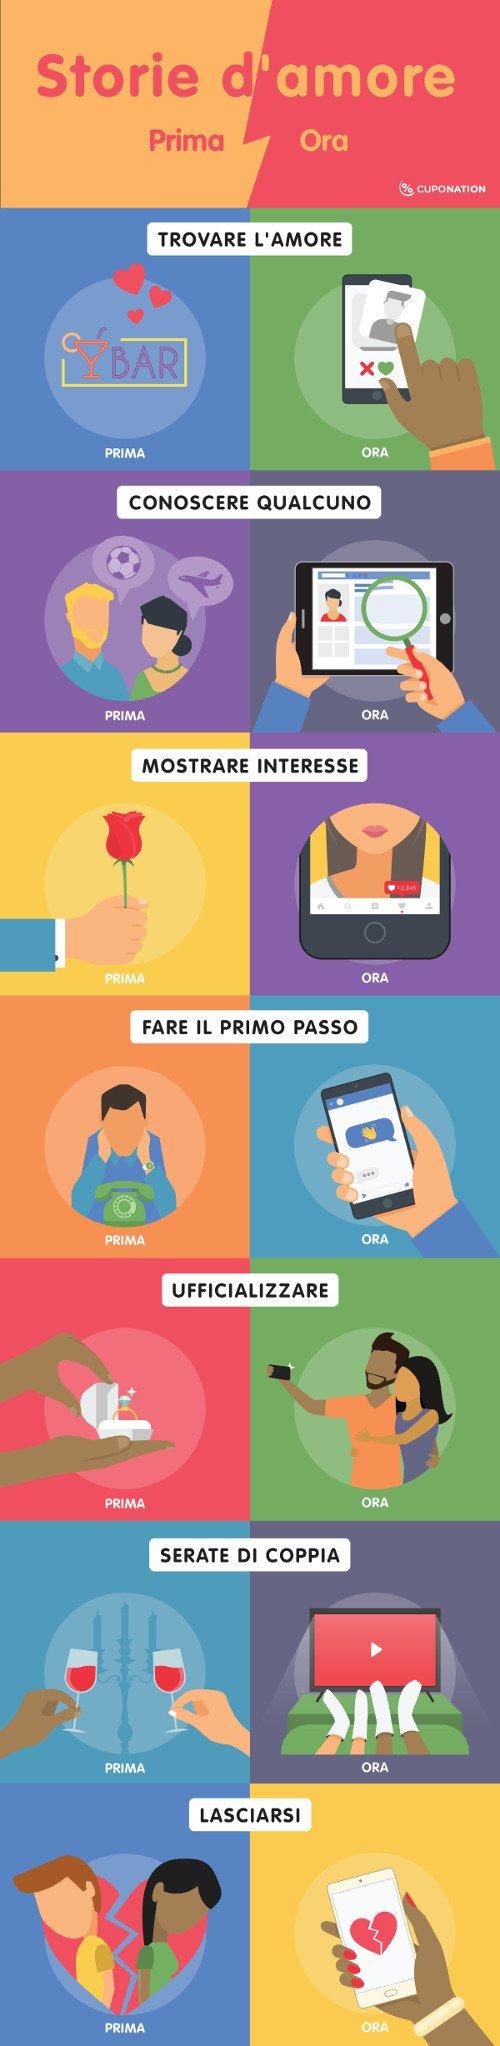 L'amore al tempo dei social network 2